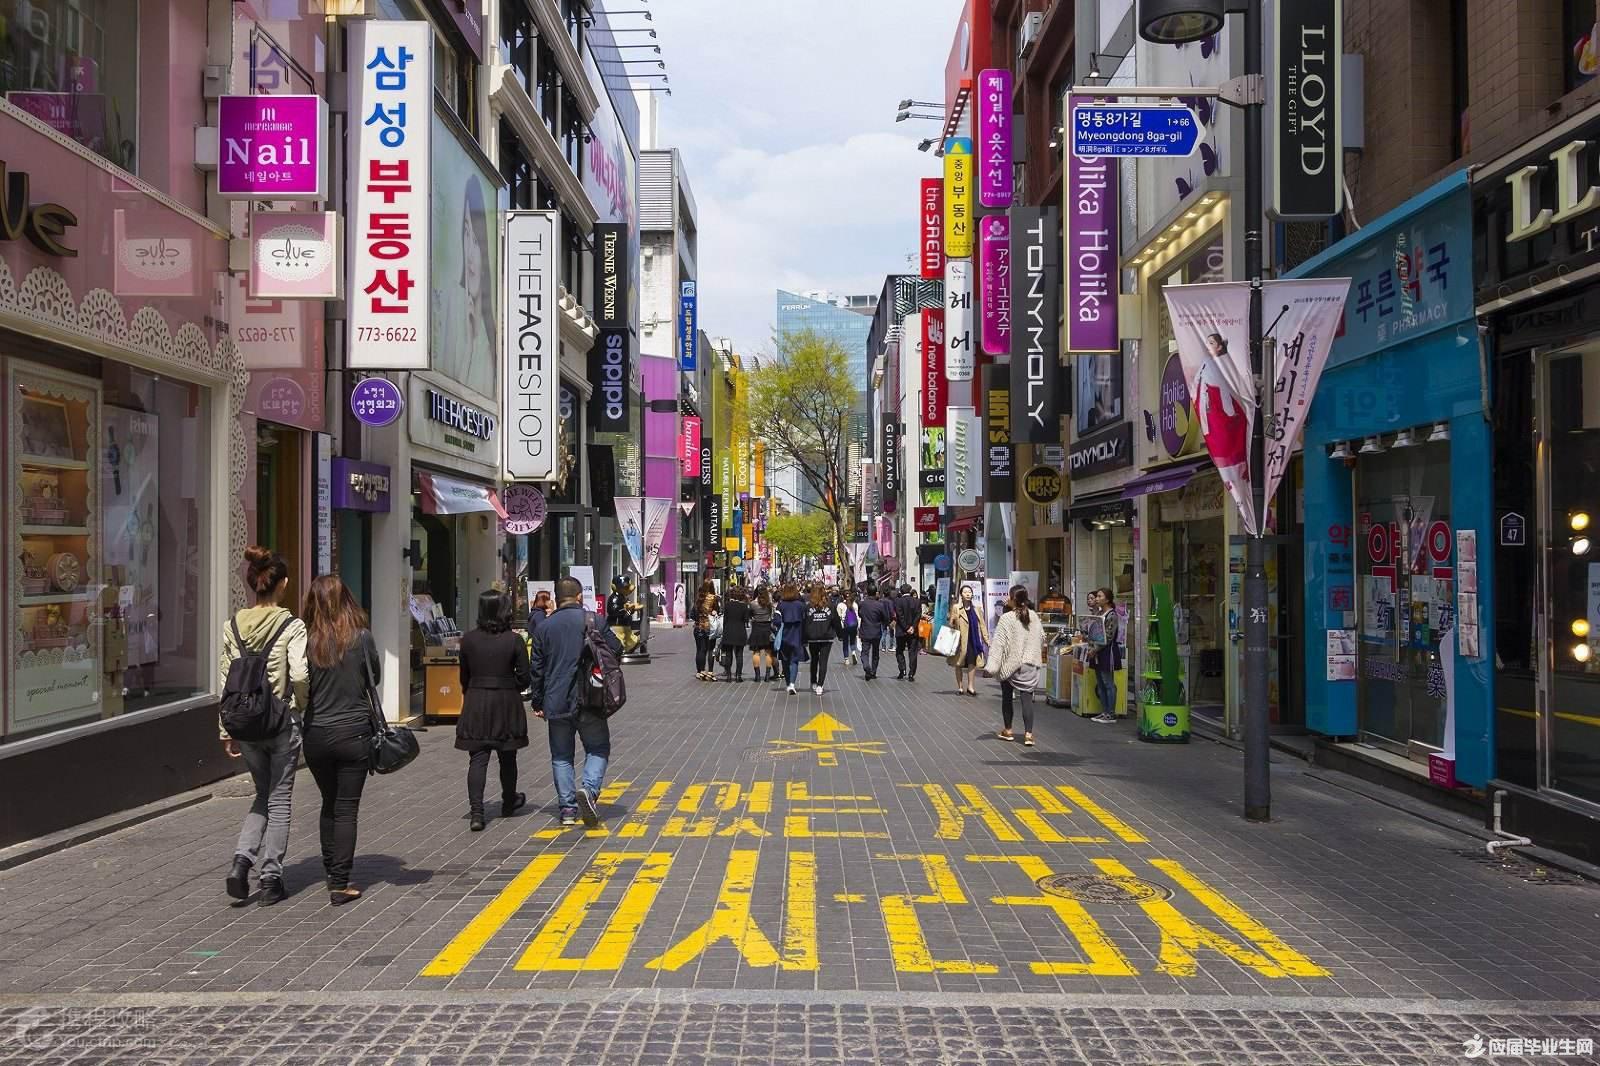 艺术生去韩国留学的条件